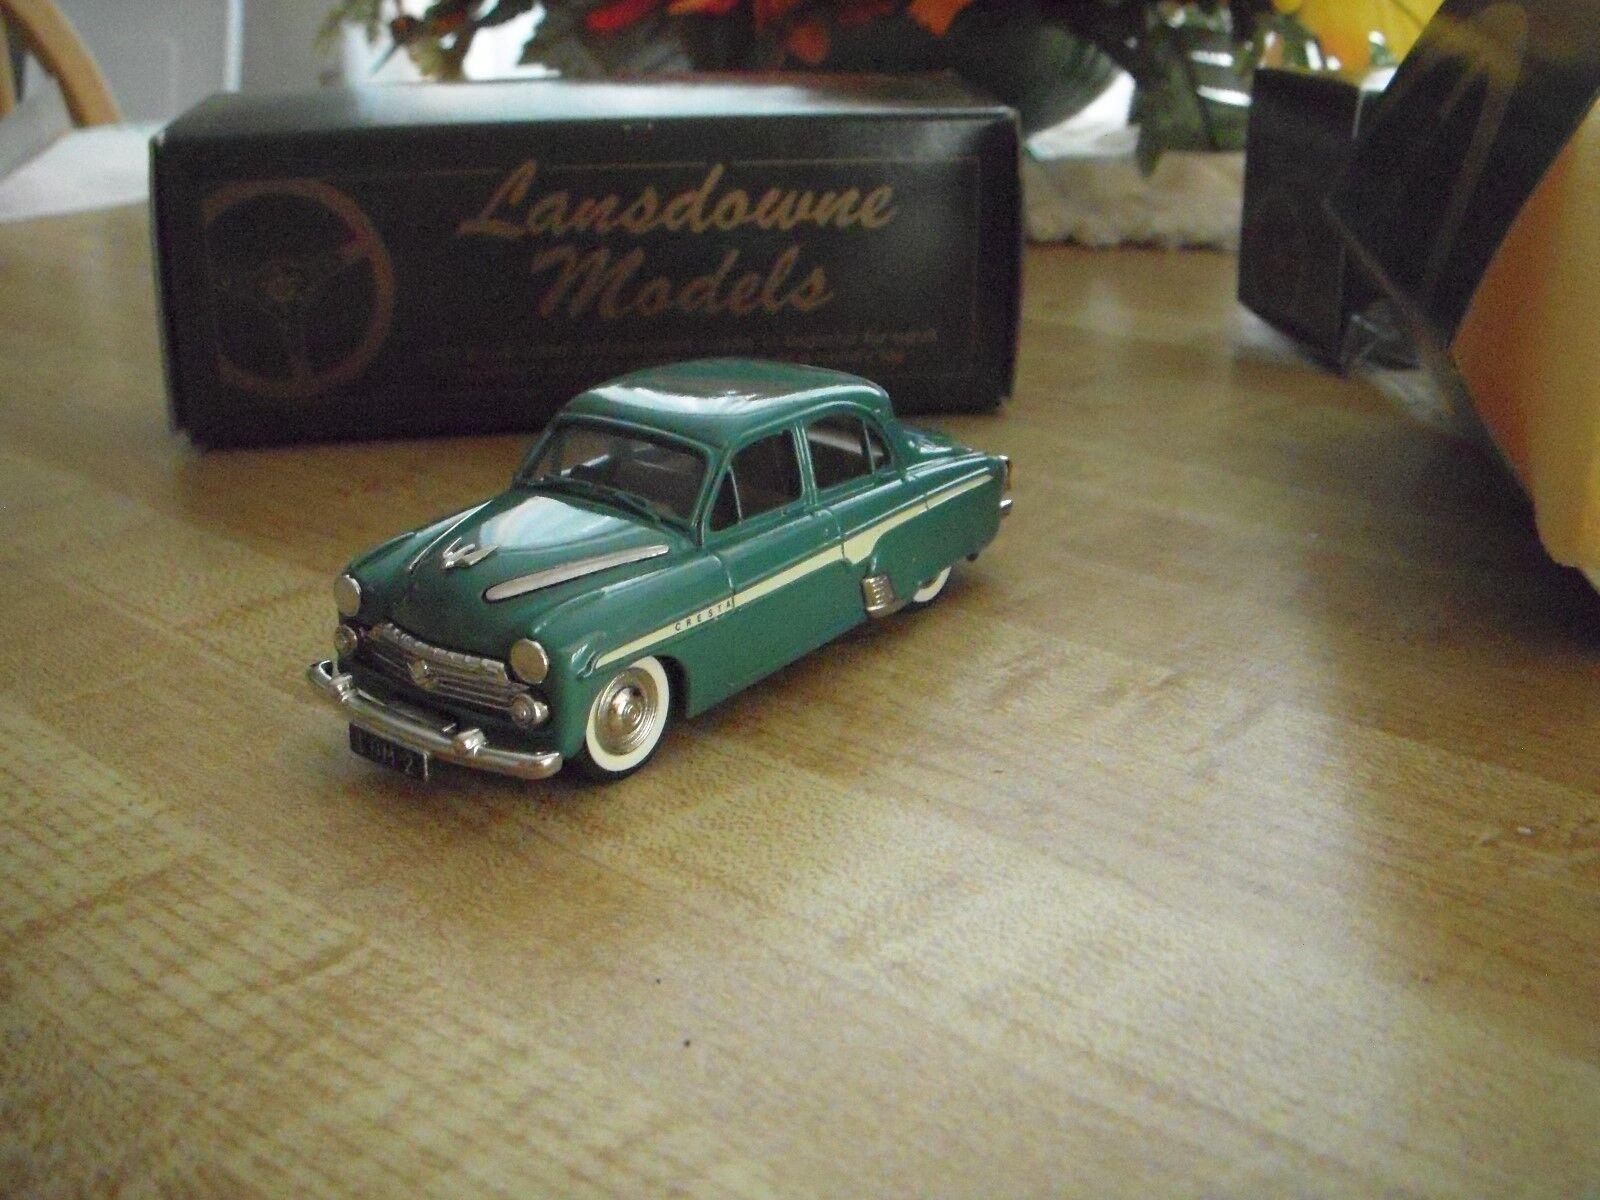 Vauxhall Cresta British Toy Car Lansdowne Models (Brooklyn) O Guage Guage Guage Train Accy 1ea305